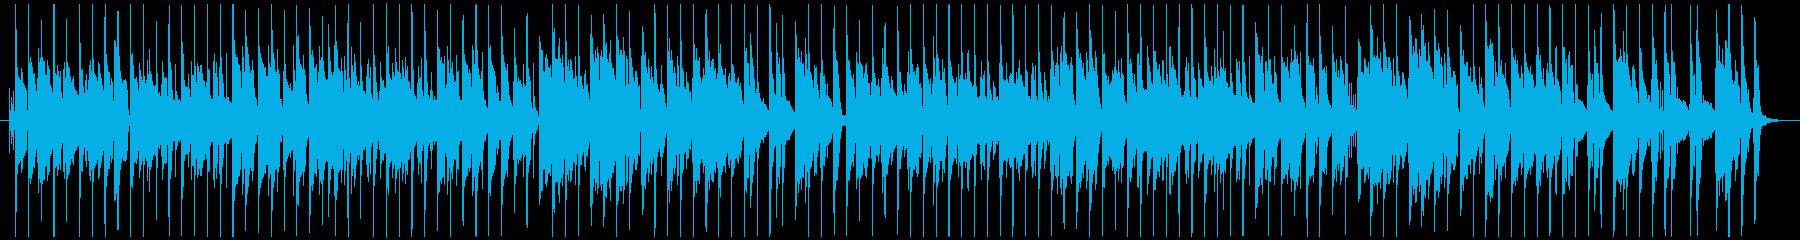 カリブのわんぱく少年 カリプソ・サンバ の再生済みの波形